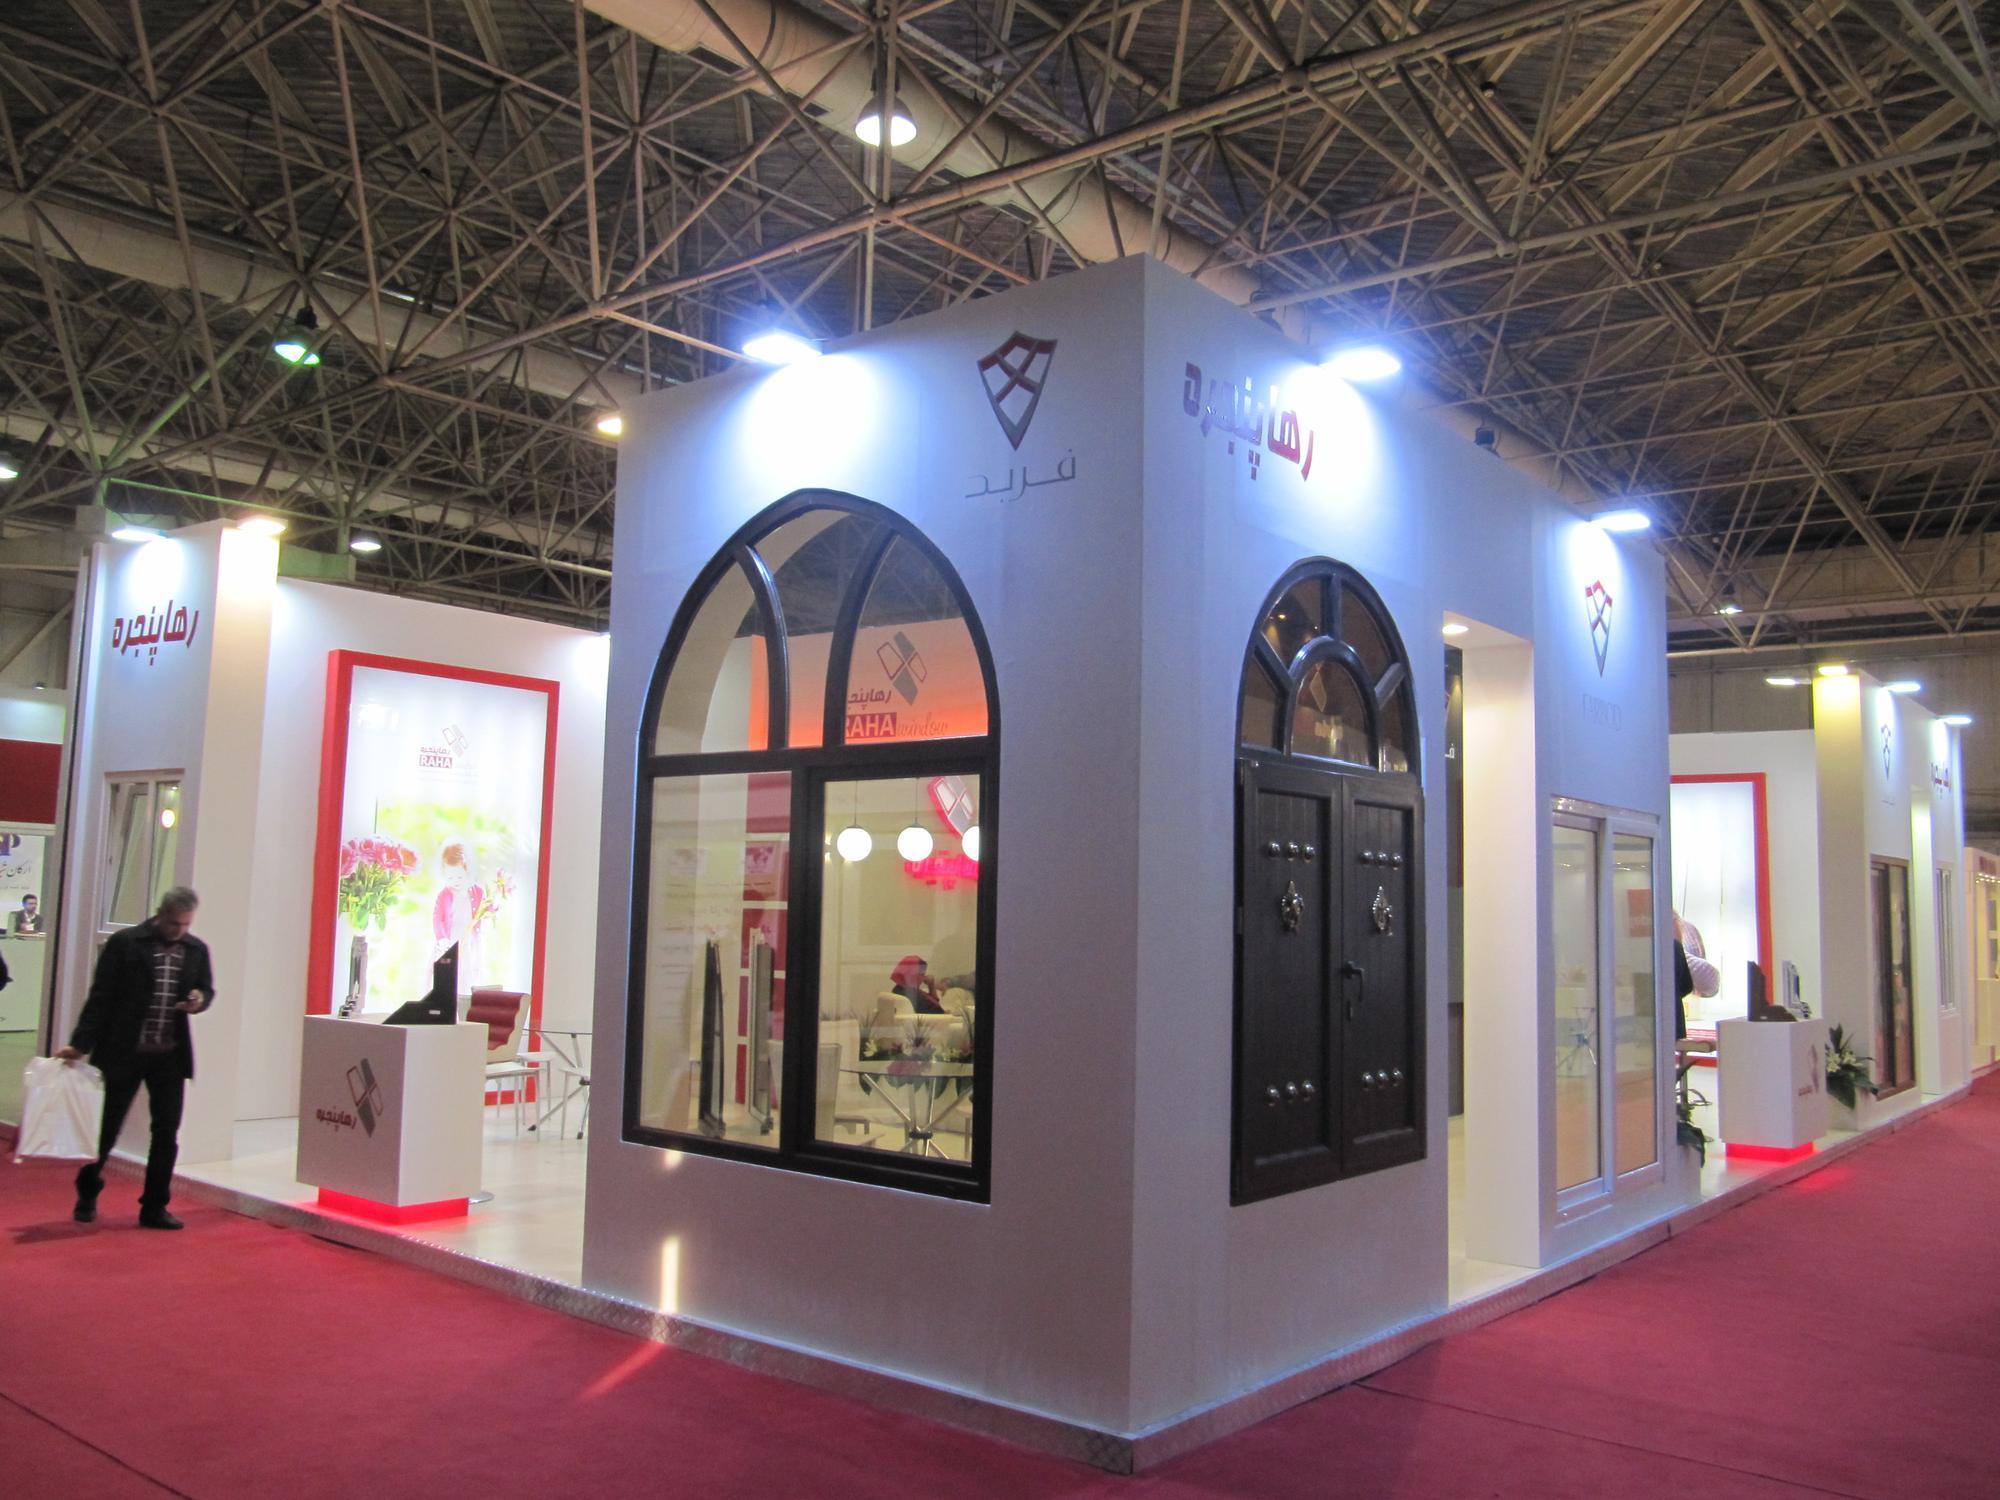 نهمین نمایشگاه بین المللی در و پنجره و صنایع وابسته